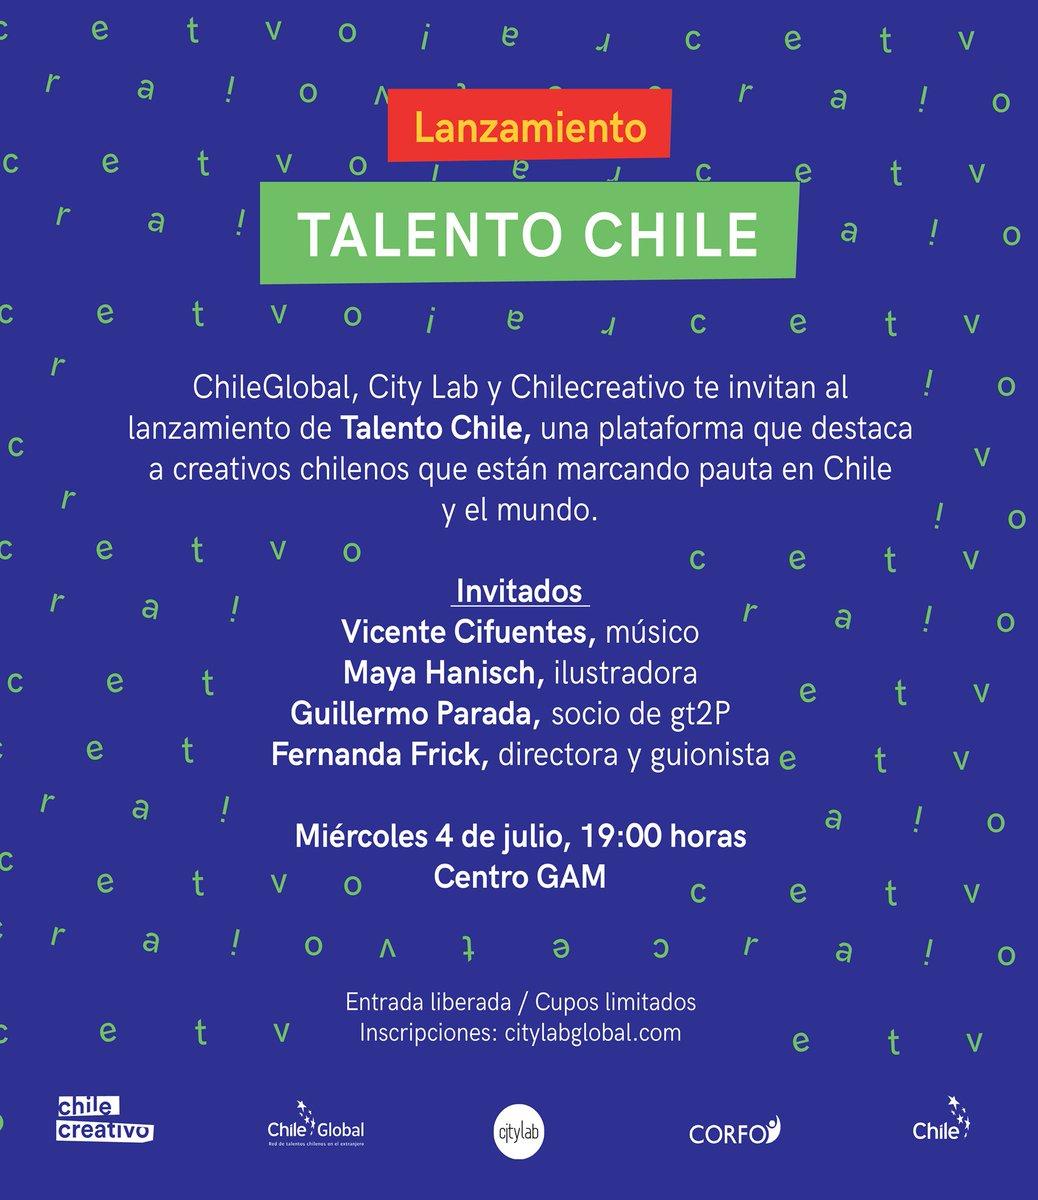 Mañana 04/07 a las 19:00 hrs. será el lanzamiento de #TalentoChile, una plataforma de @Chile_Global, #CityLabSantiago, @ChileCreativos y @Corfo para difundir a los creativos chilenos. Reserva tu entrada 👉 https://t.co/5brV5AtbHX https://t.co/OxGUDrHmZx